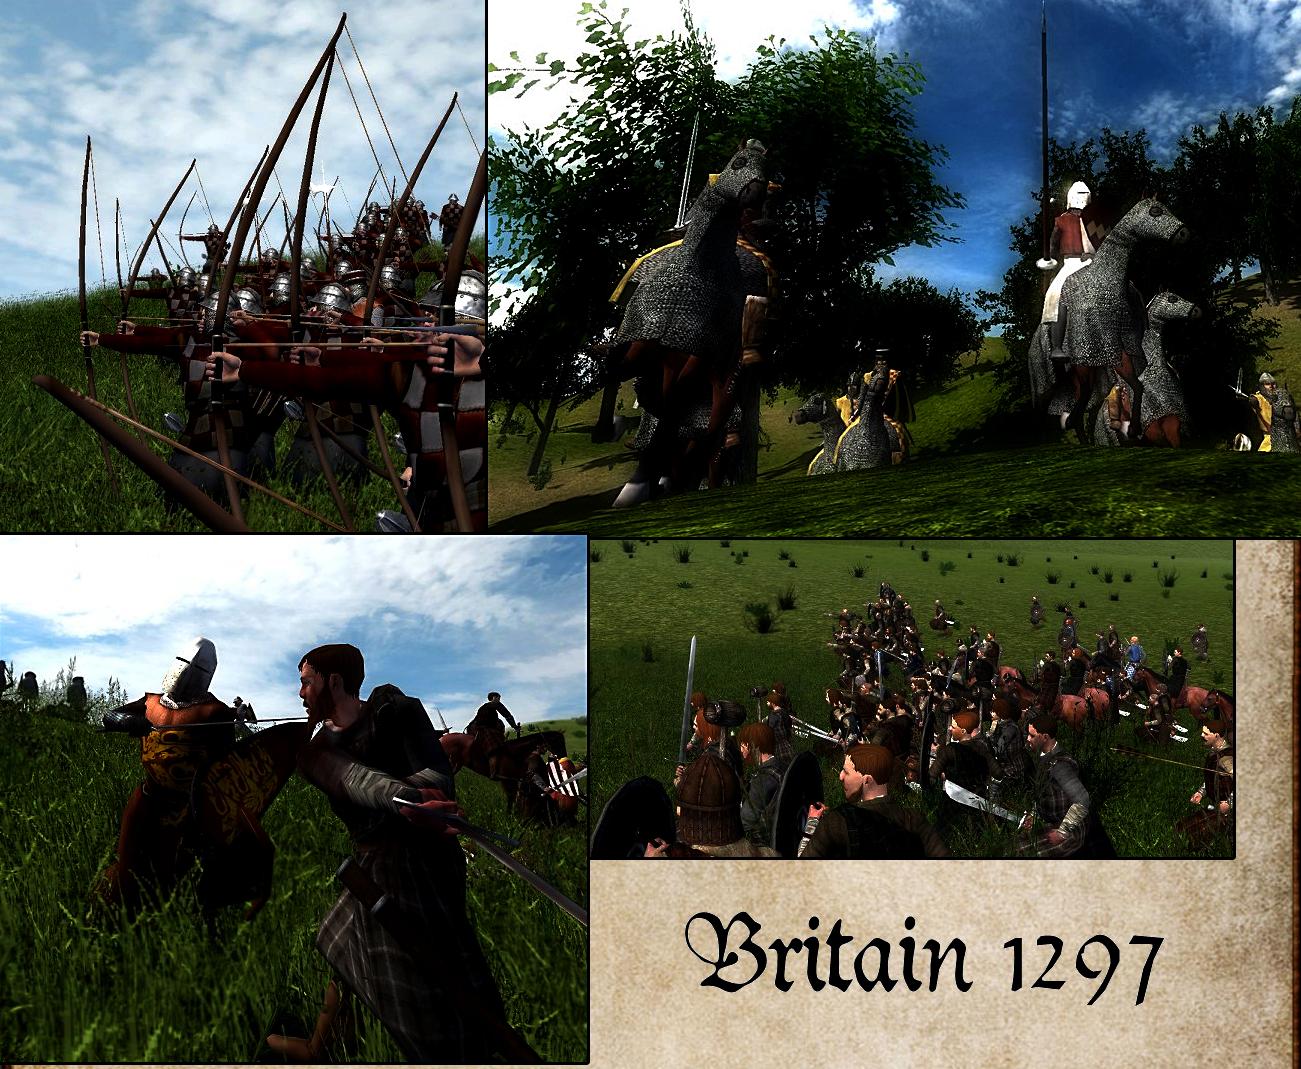 [MB] Britain 1297 24yo8ix